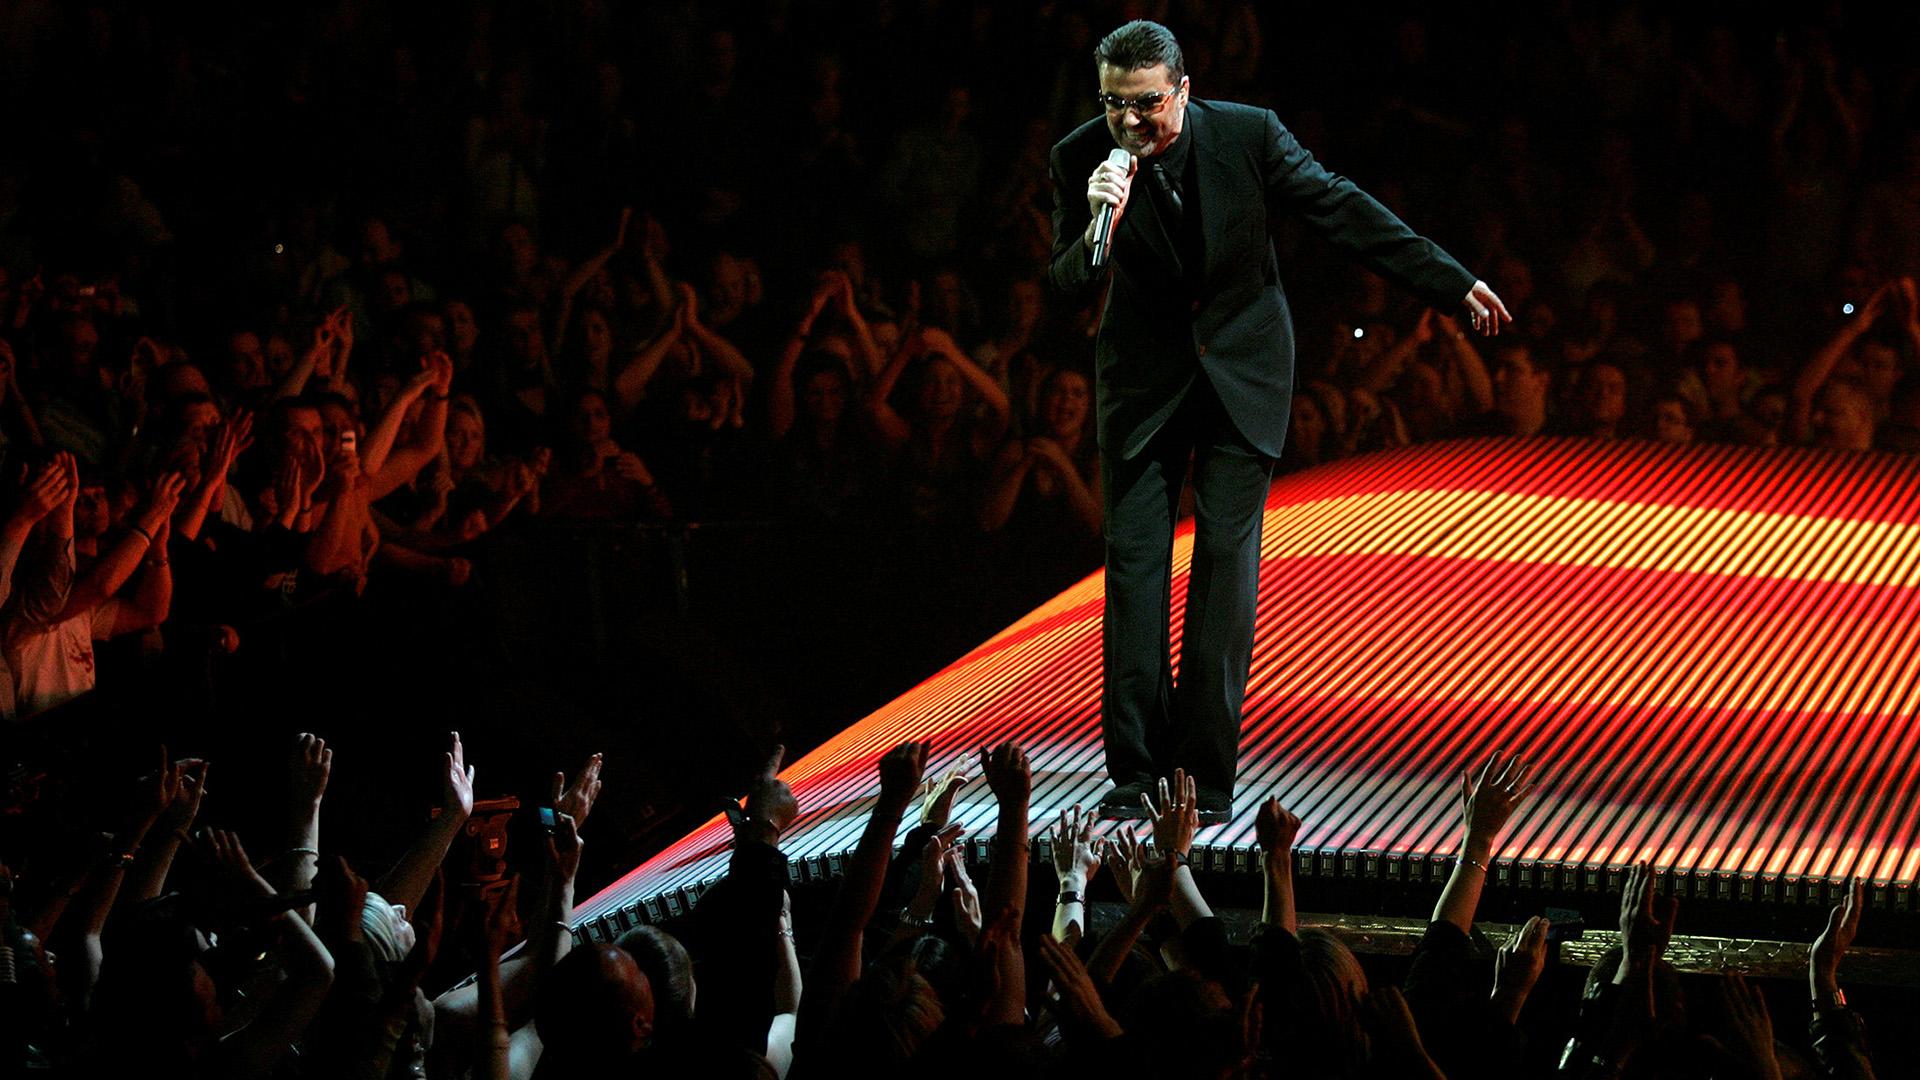 Concierto en el MEN Arena de Manchester, en 2006 (Reuters)